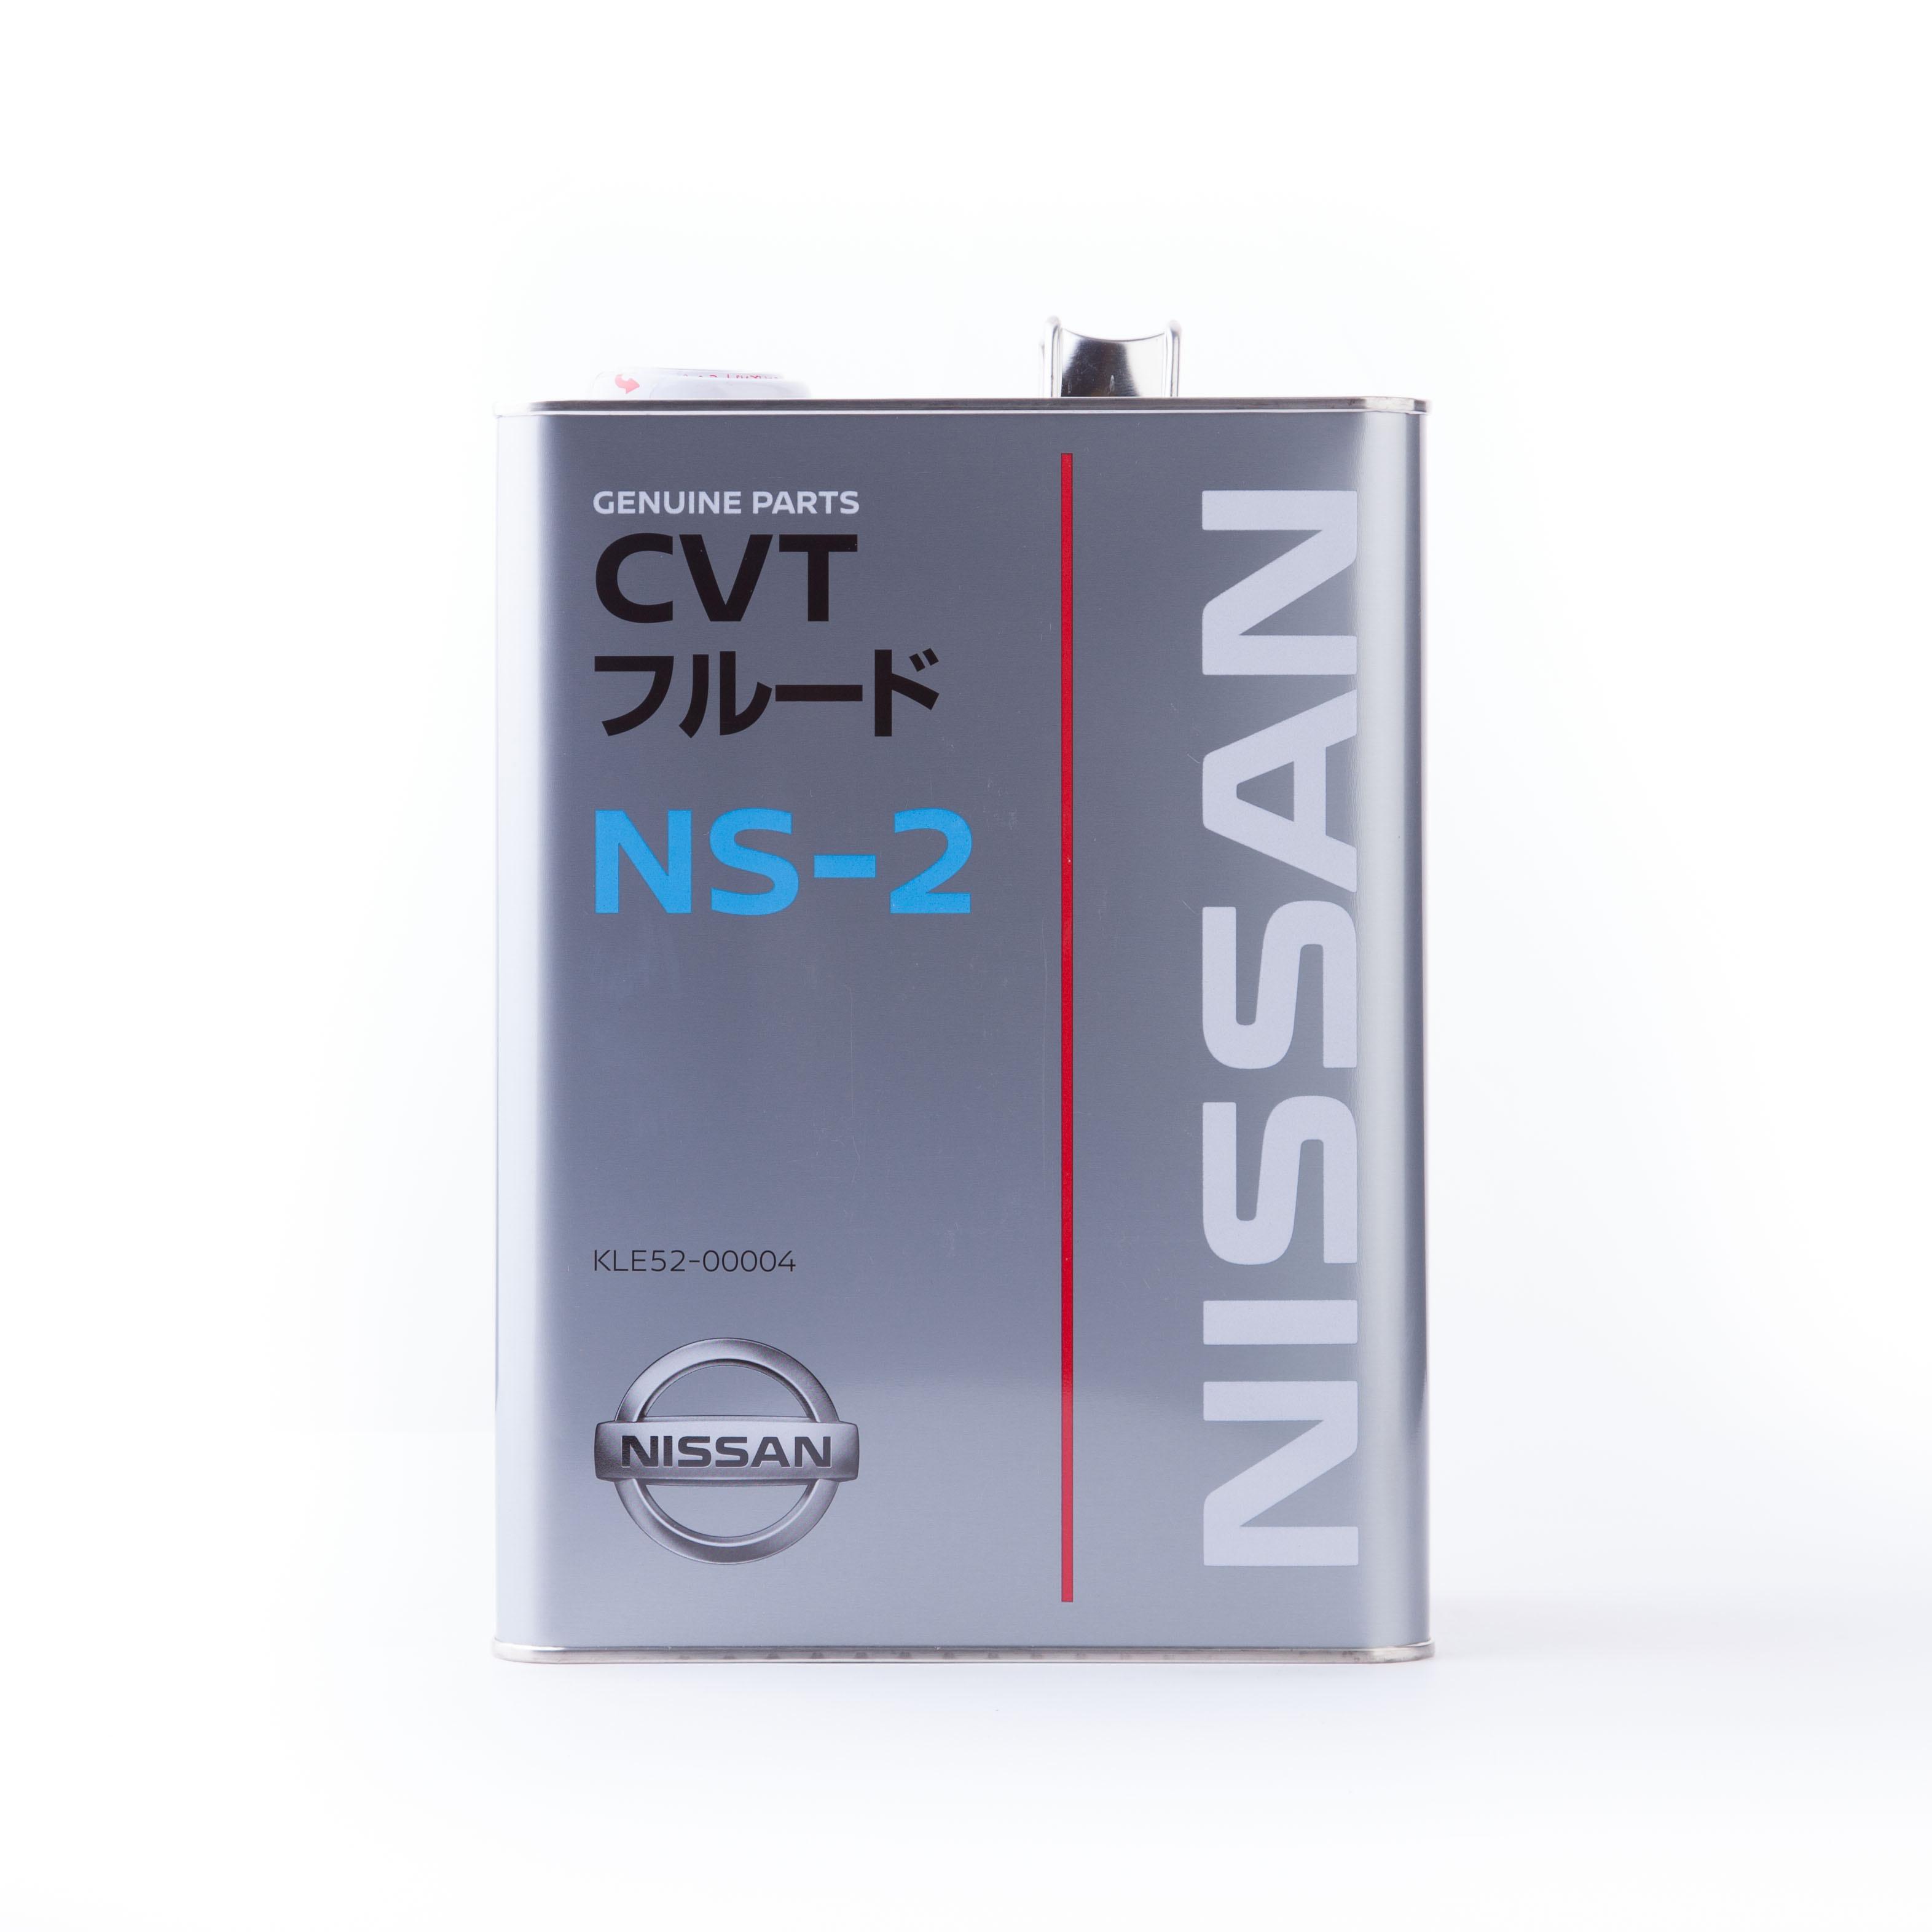 Масло трансмиссионное Nissan CVT NS-2, 4 л Nissan KLE52-00004